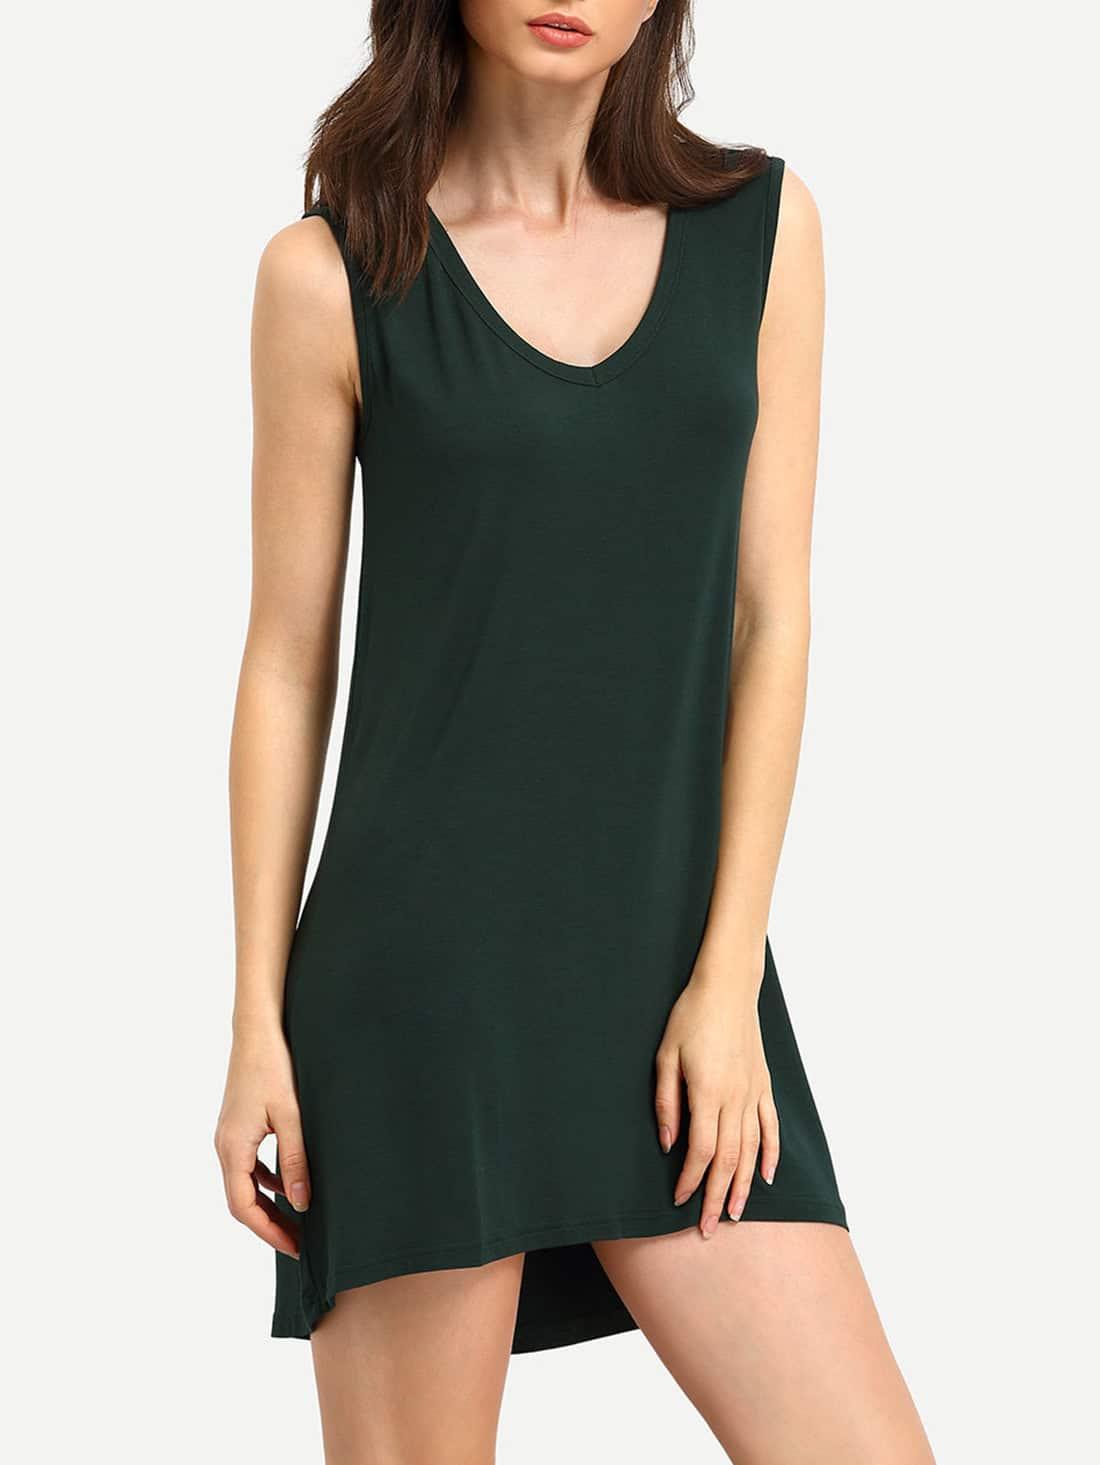 V-Cut Tank Dress dress150825505